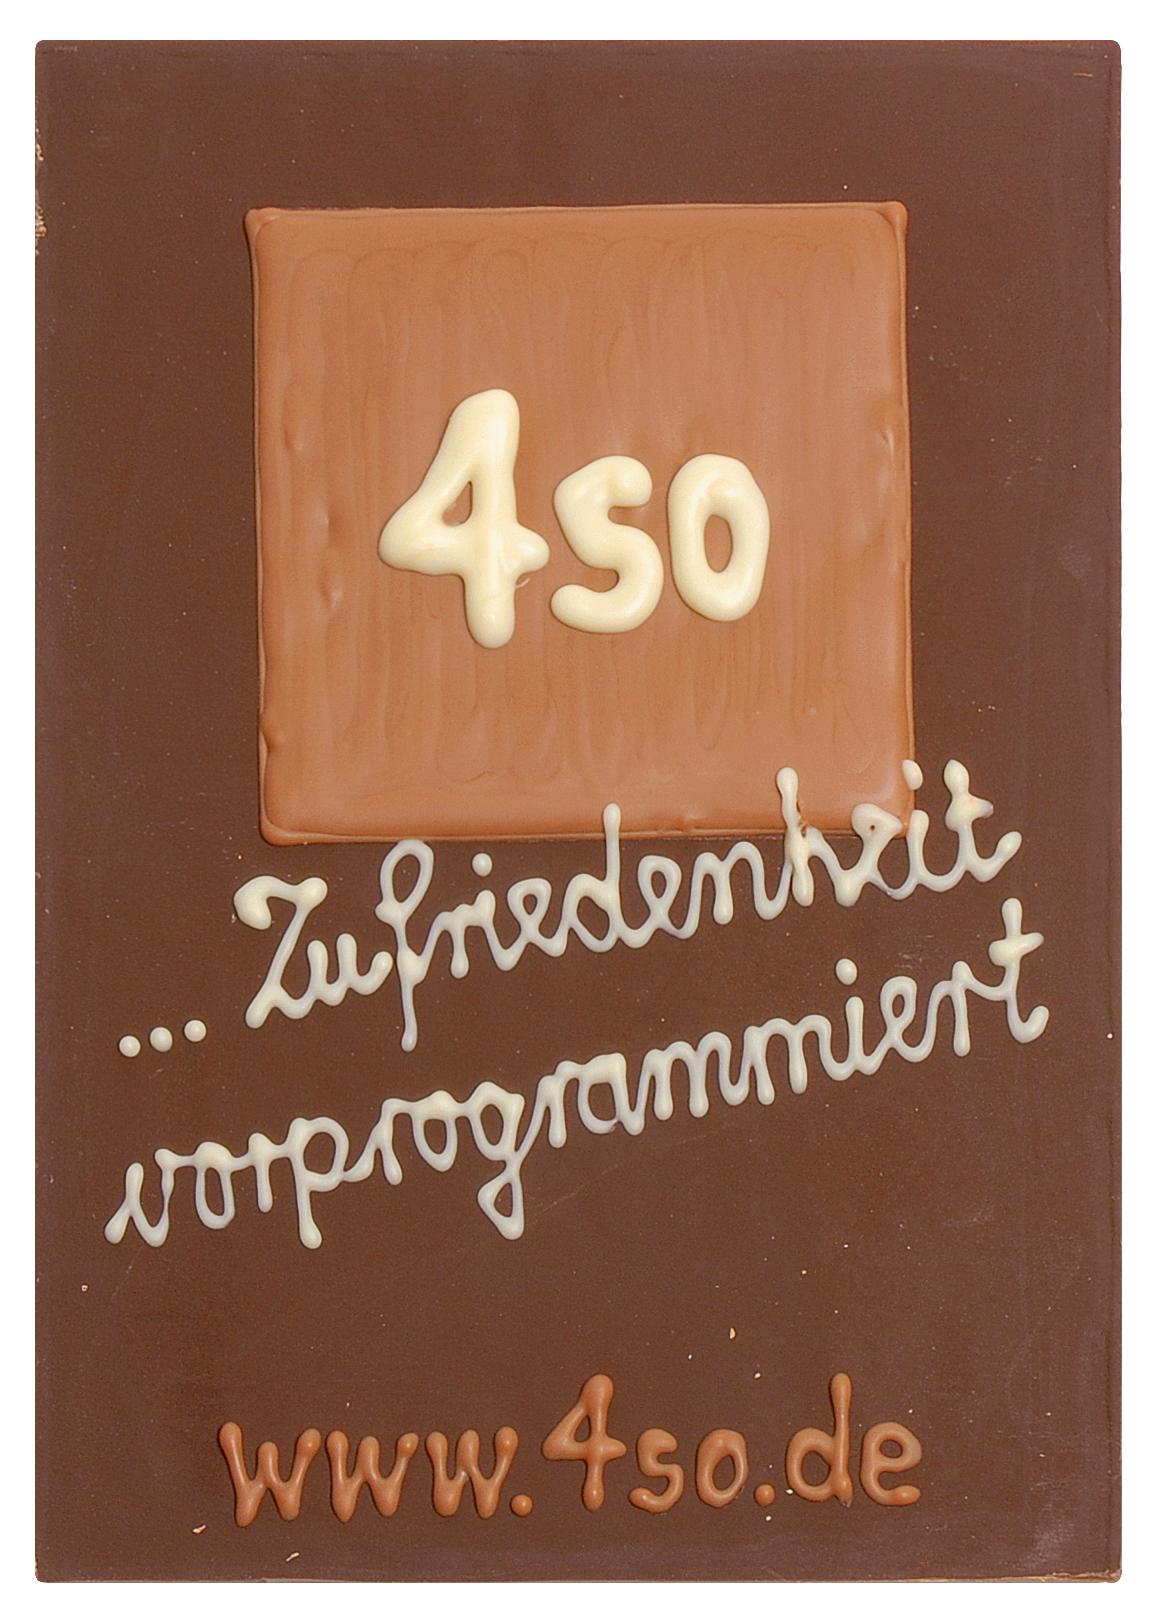 A5-Platte-zb-4so